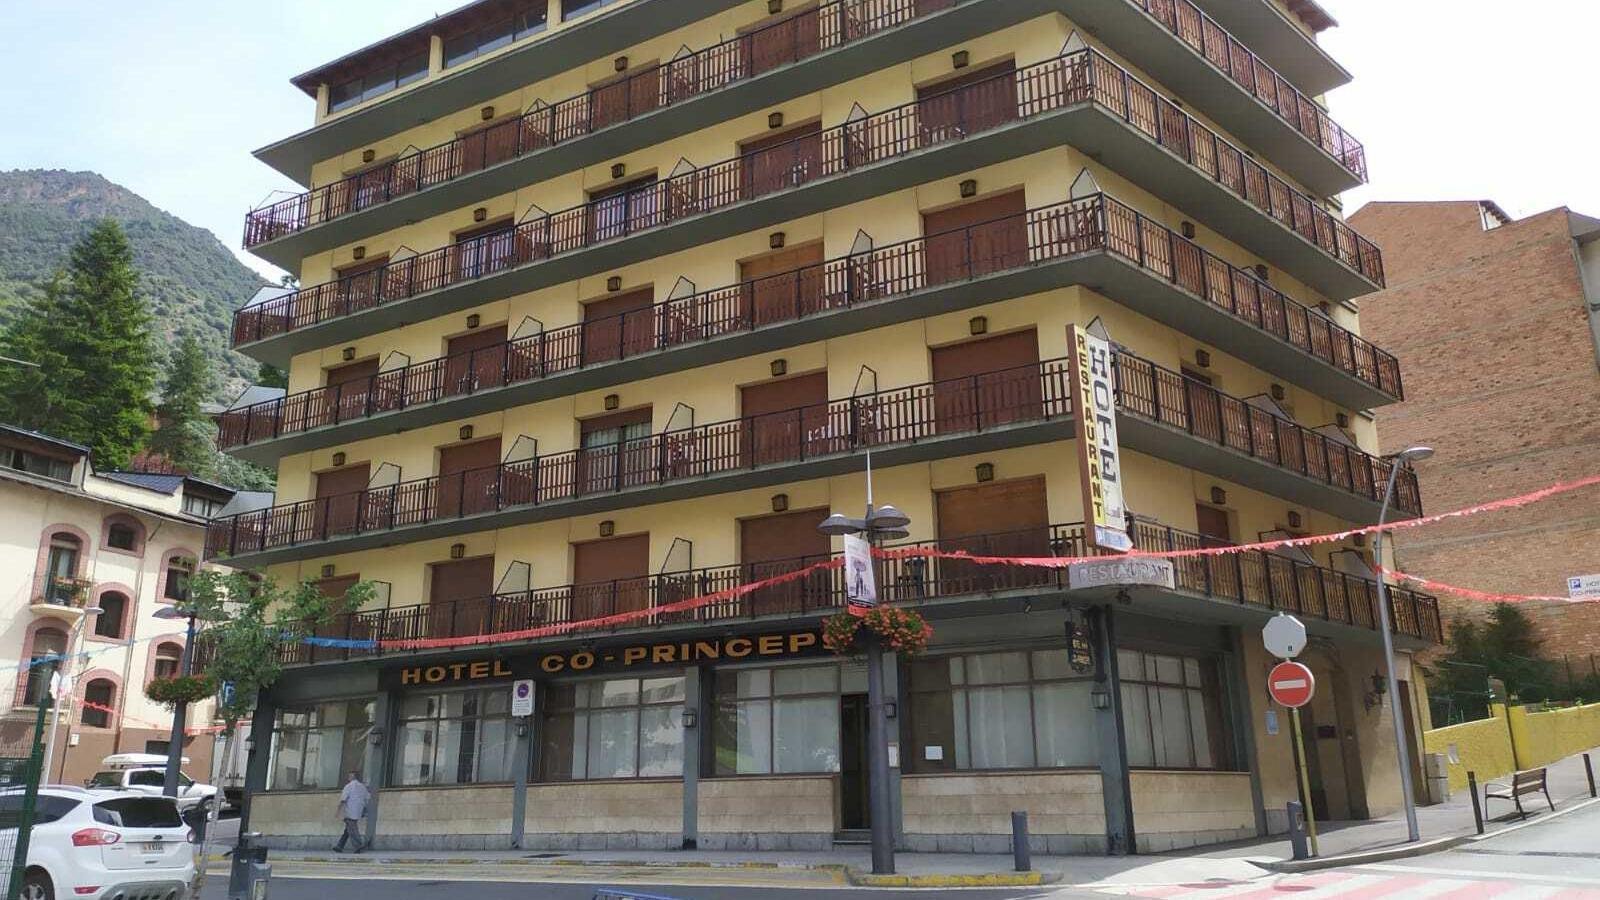 L'aparador del Hotel Coprínceps va patir actes vandàlics que ja han estat reparats. / M. R. F.